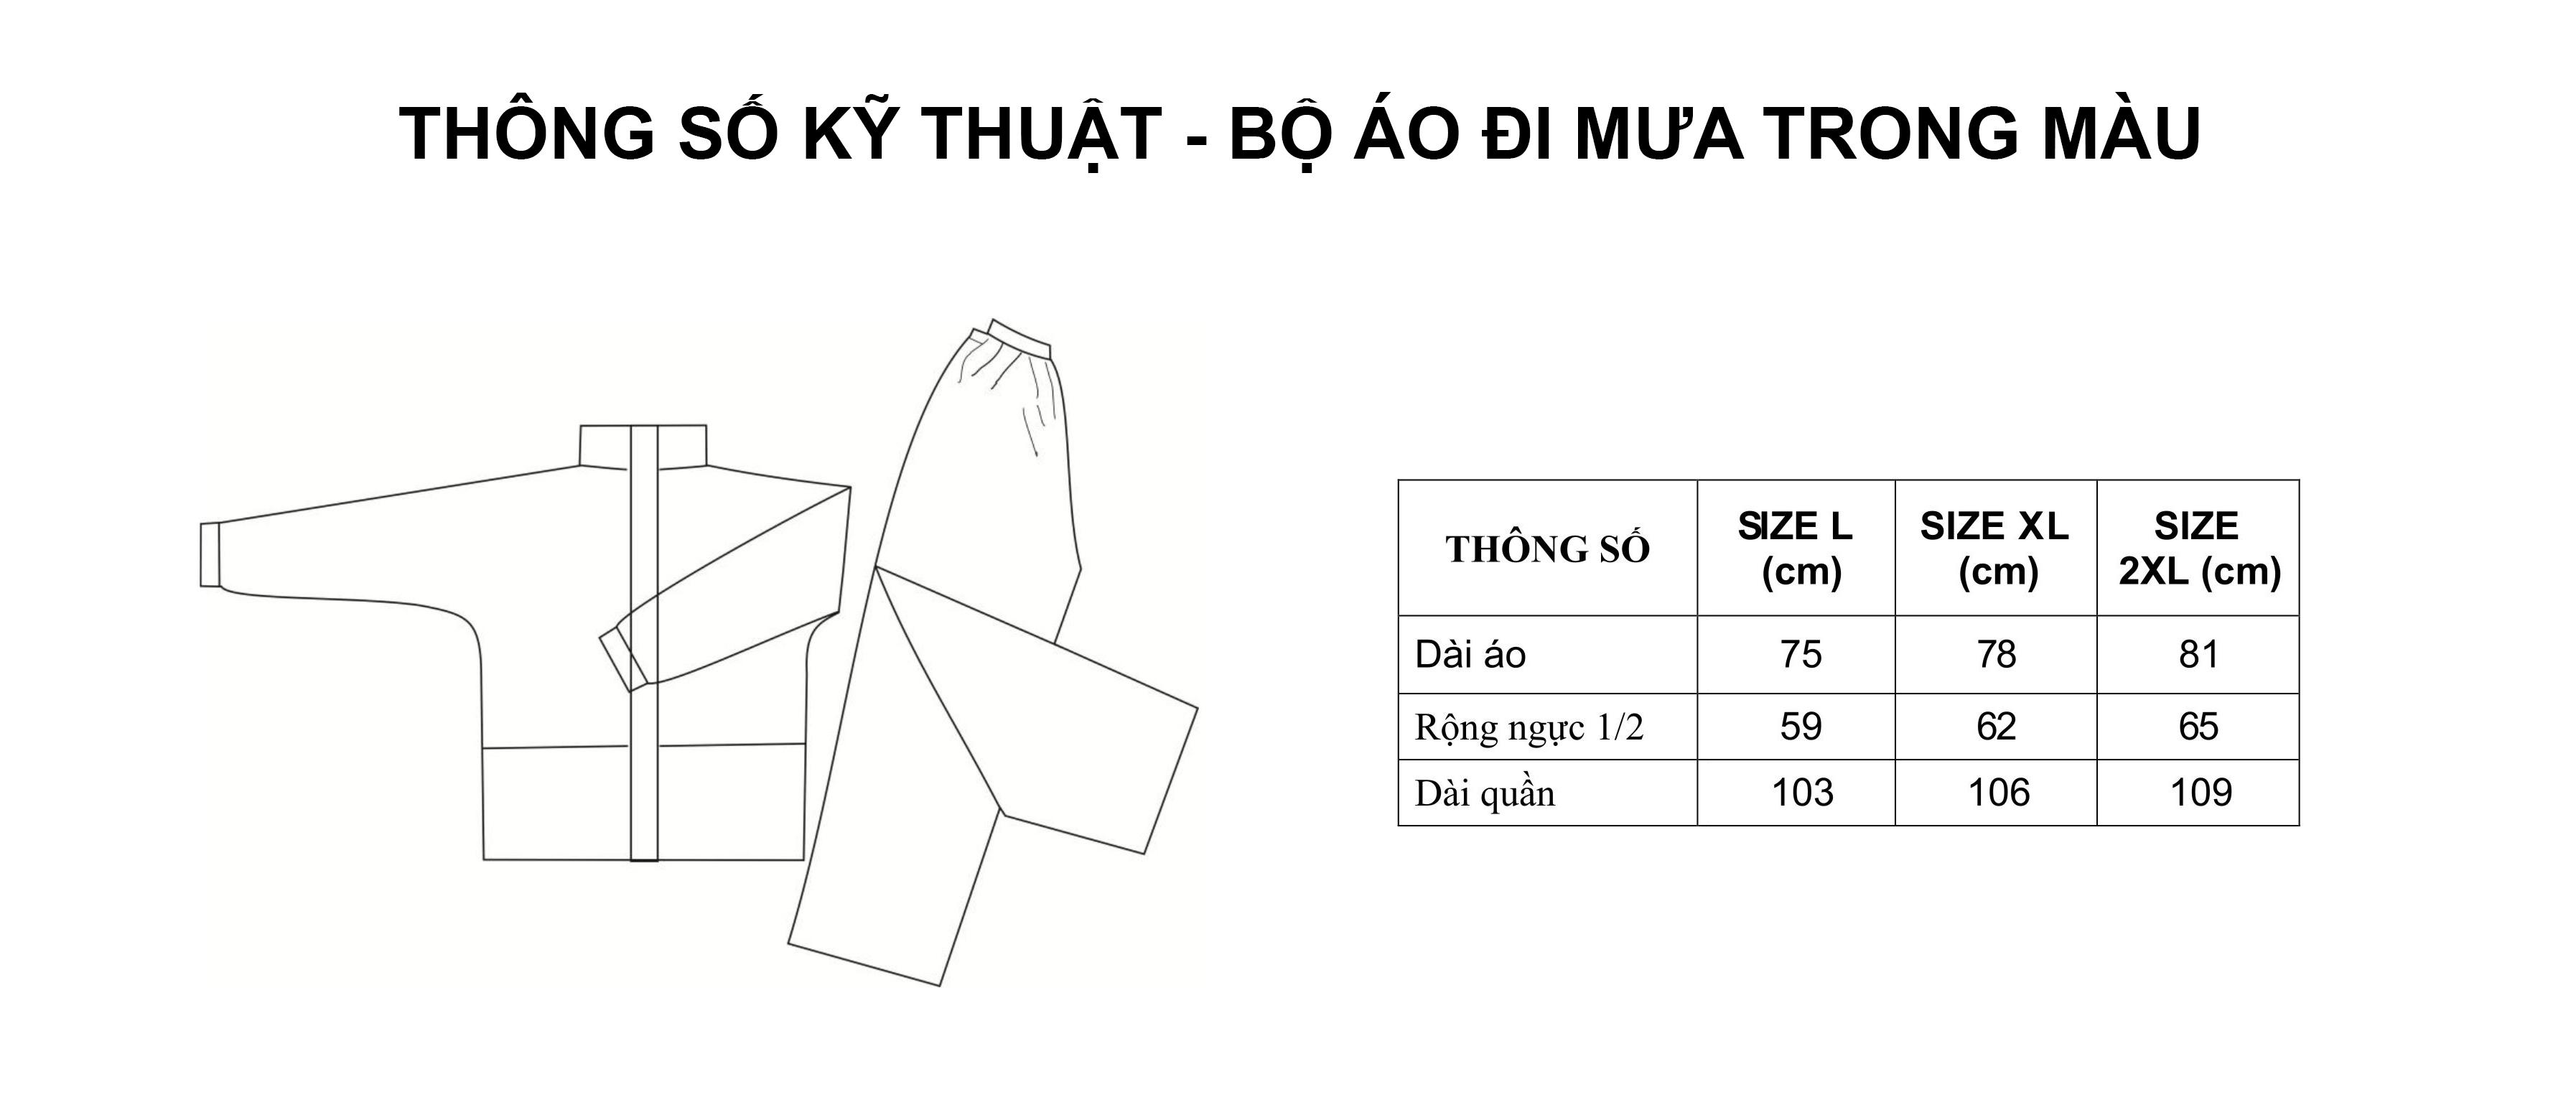 Thông số kỹ thuật bộ áo mưa trong màu - RANDO